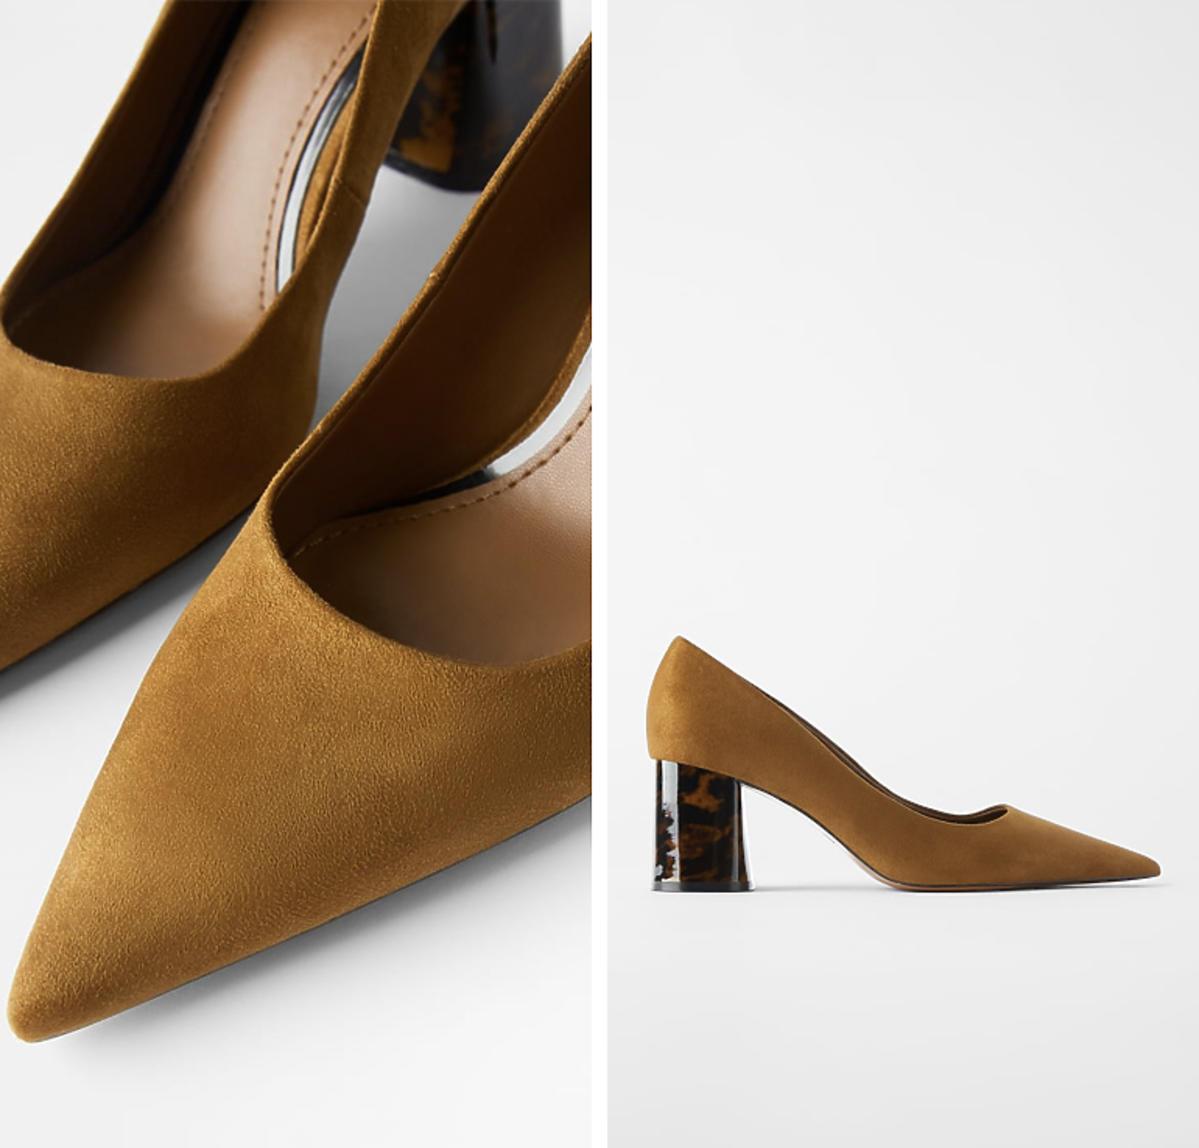 Buty na obcasie w kolorze naturalnej skóry.